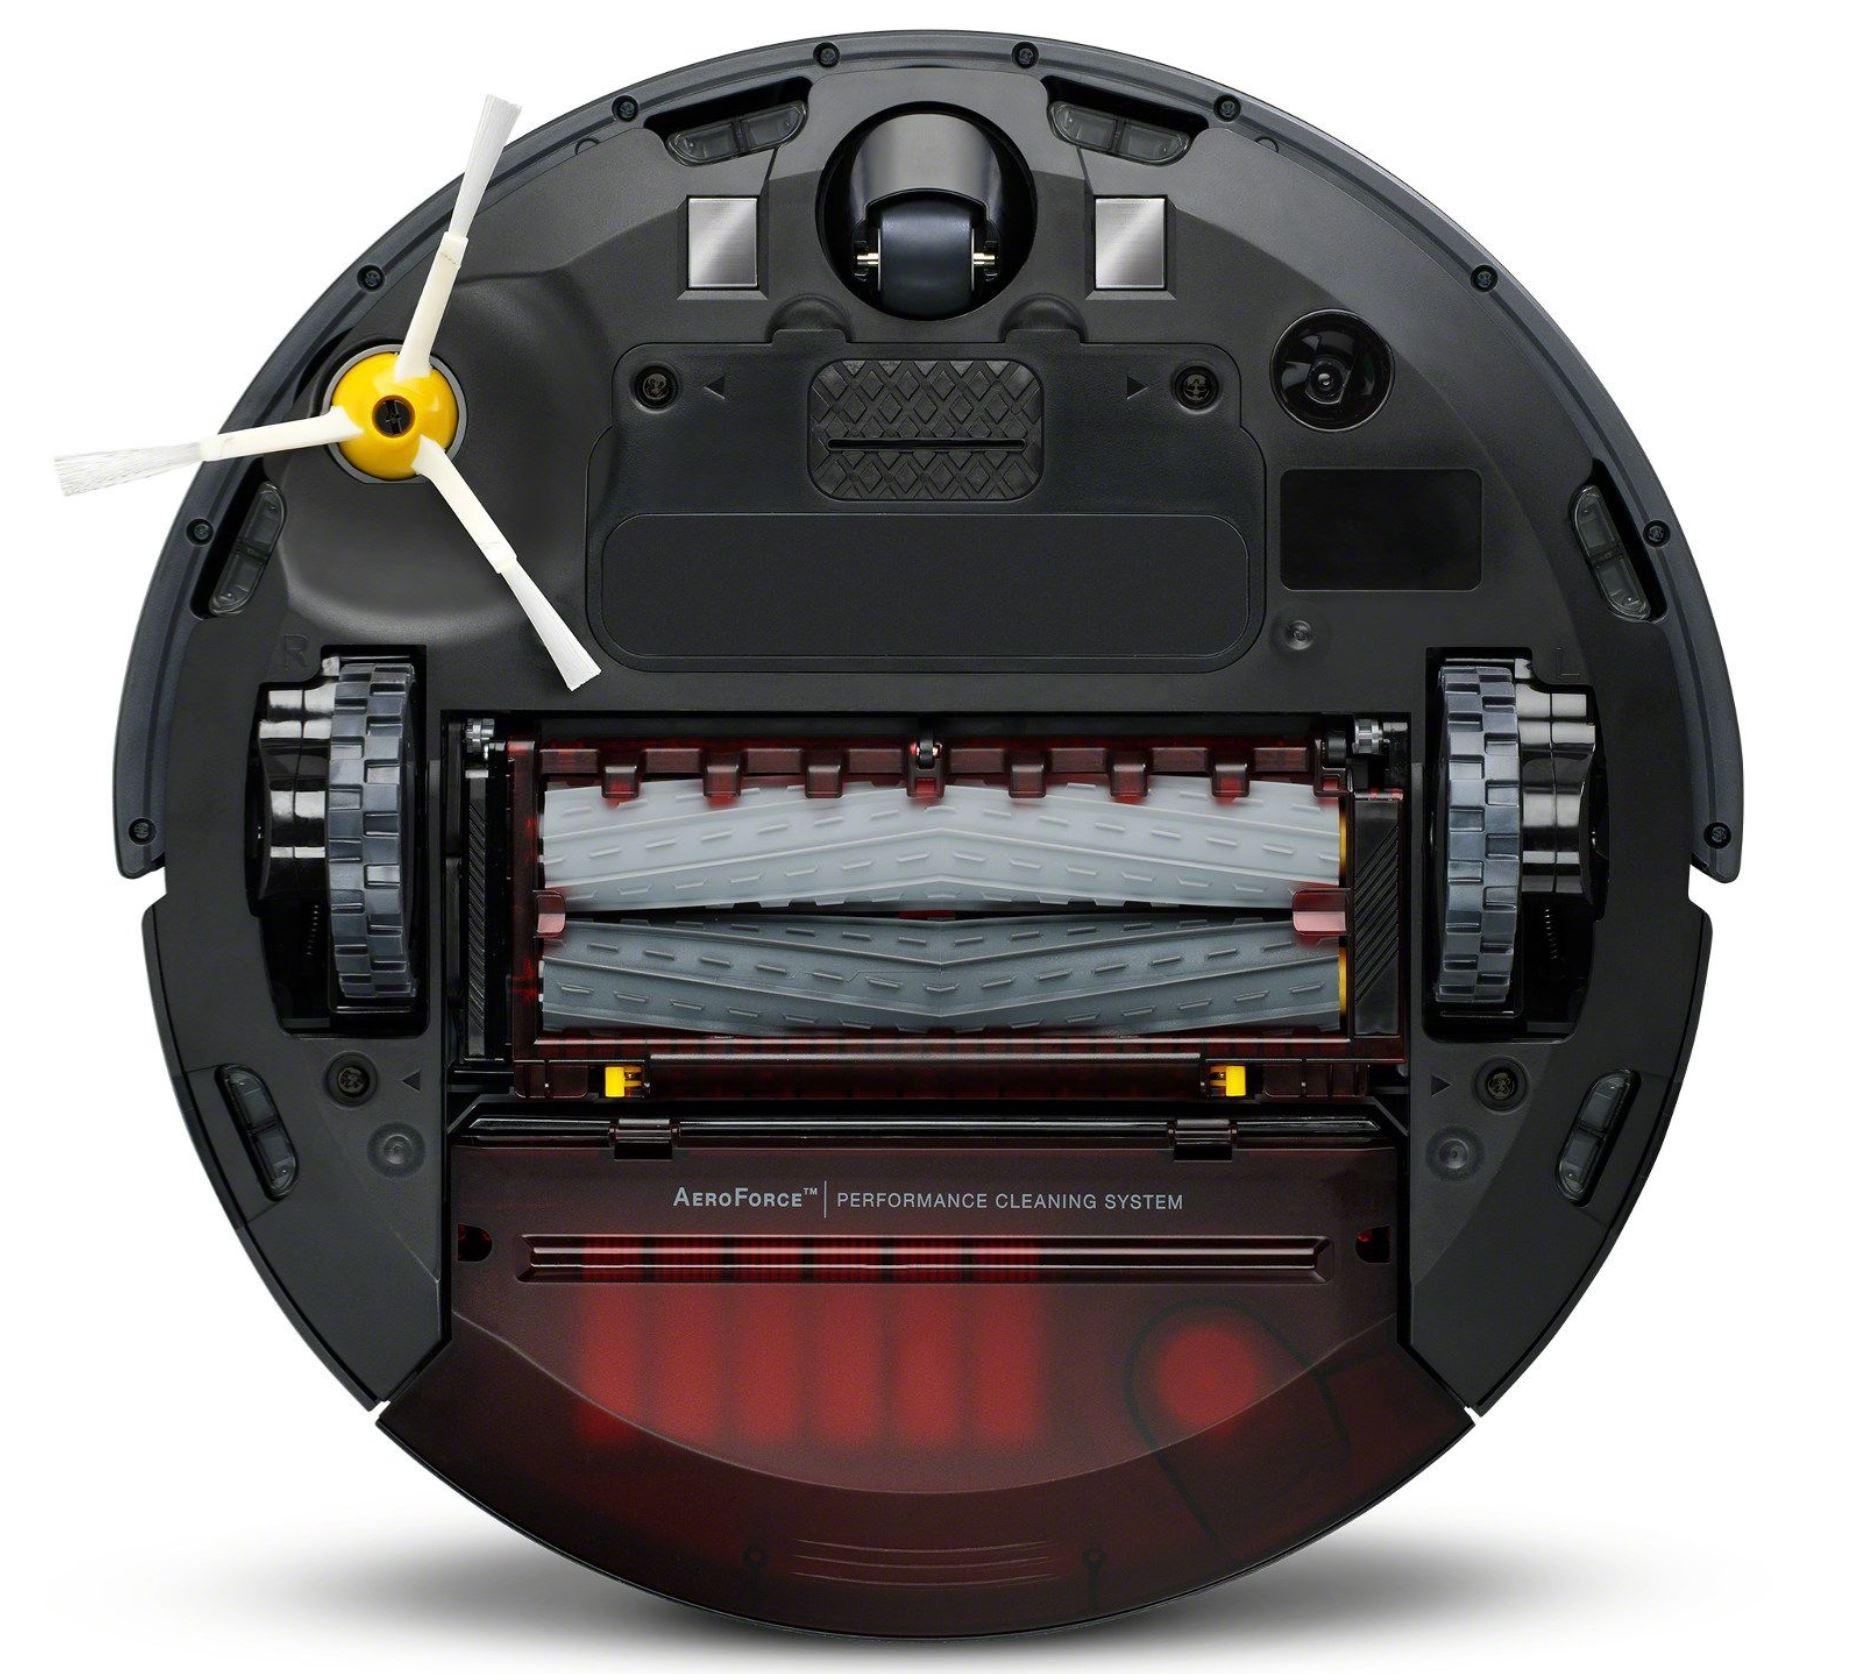 Najpopularniejsze roboty sprzątające - TOP 10 - iRobot Roomba 976 - podwójne gumowe szczotki